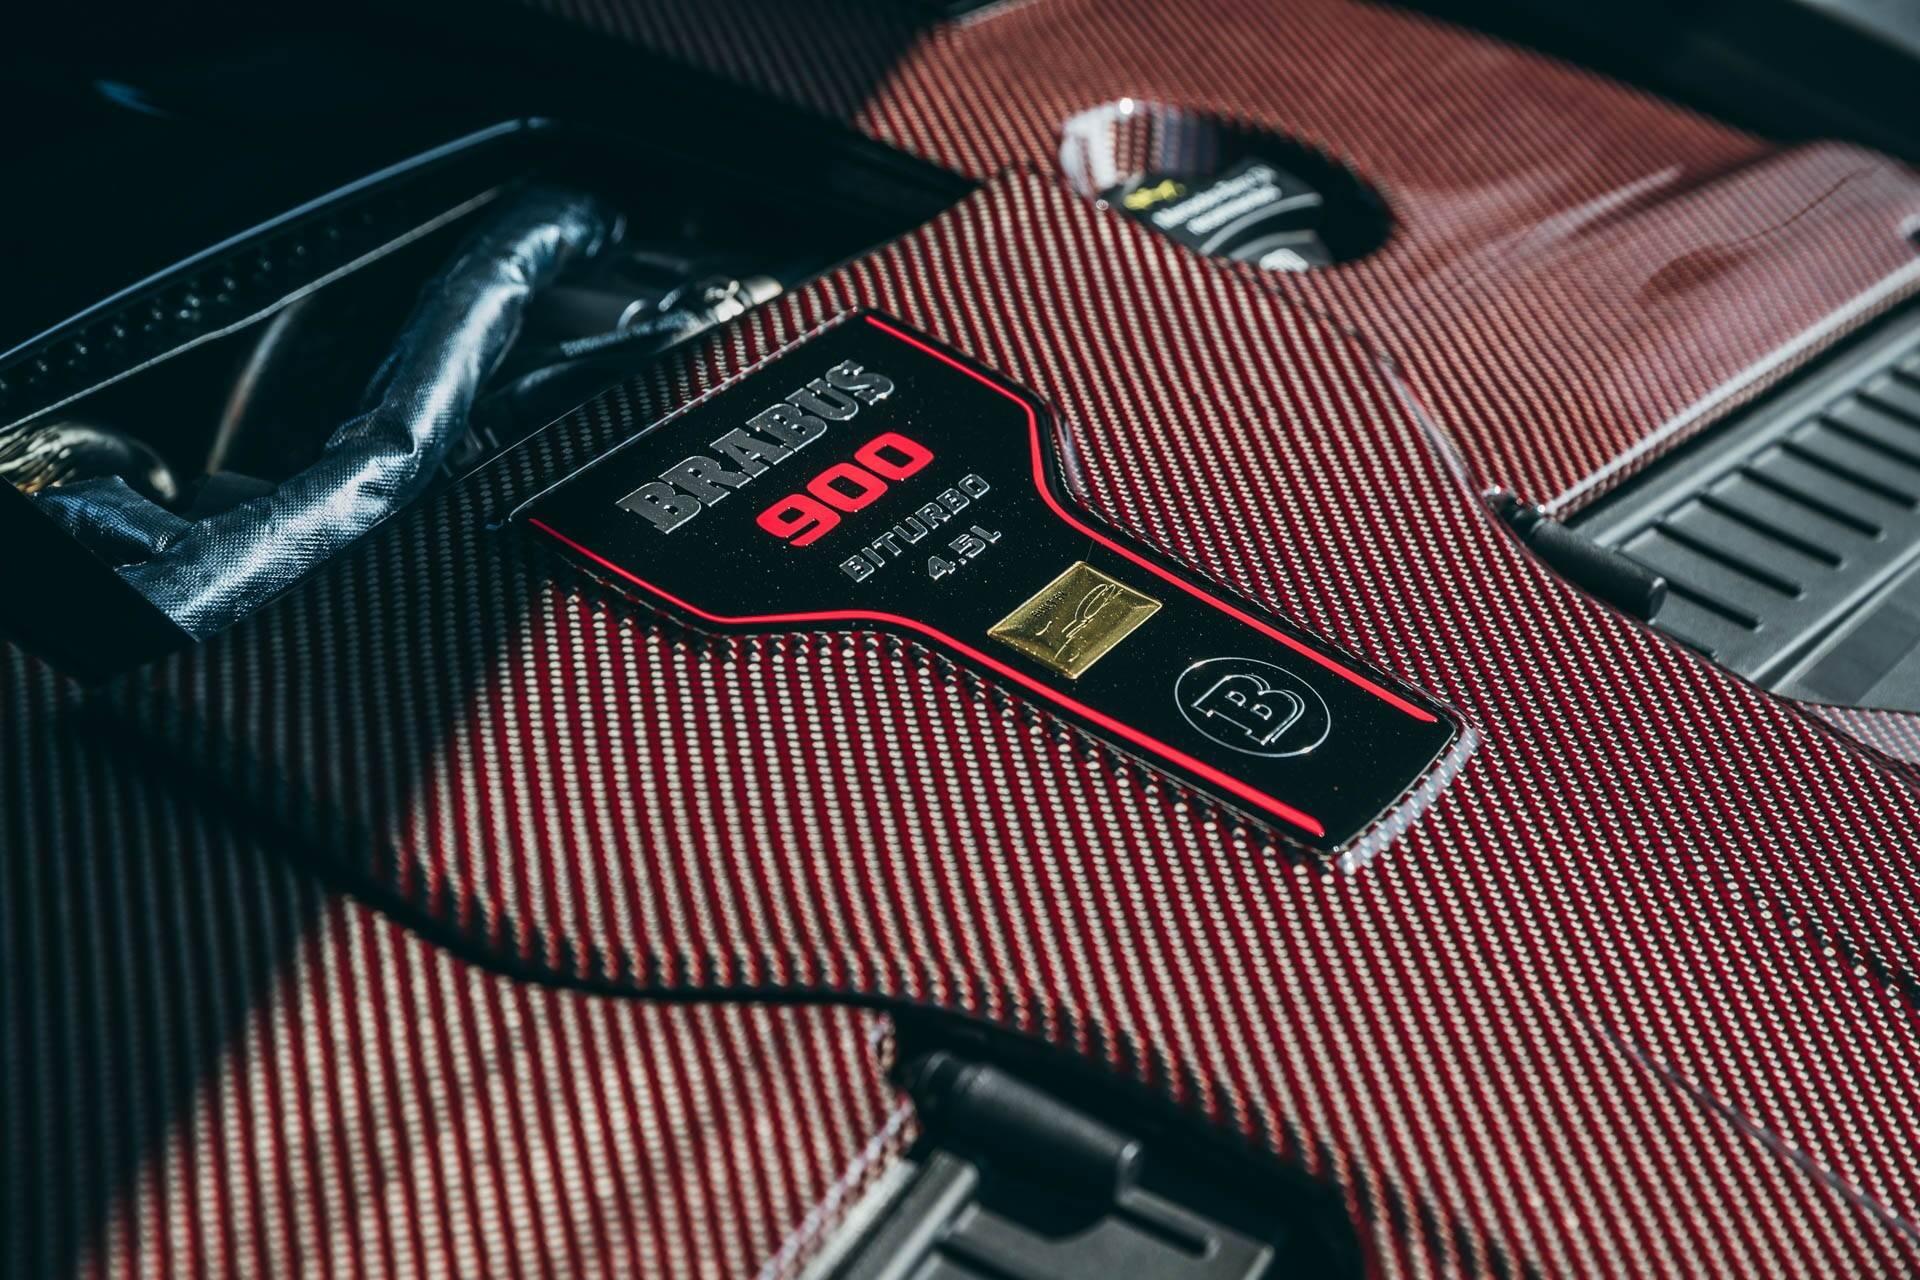 Mercedes-AMG GLE 63 S Coupe feito pela Brabus. Foto: Divulgação